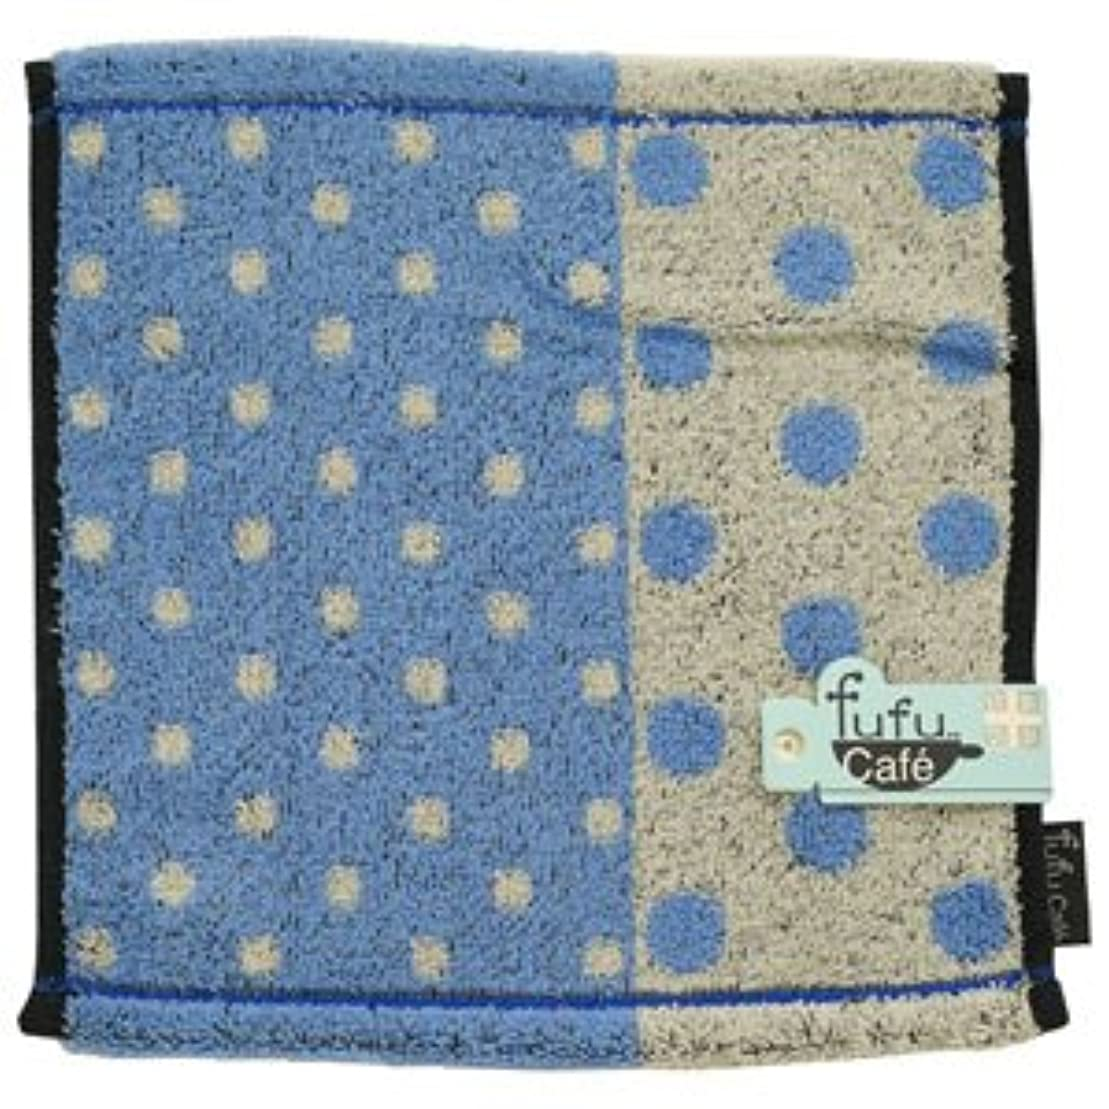 フフモノフォーム カフェドッツ タオルチーフ(ブルー)fufu mono form FUC-30165/B